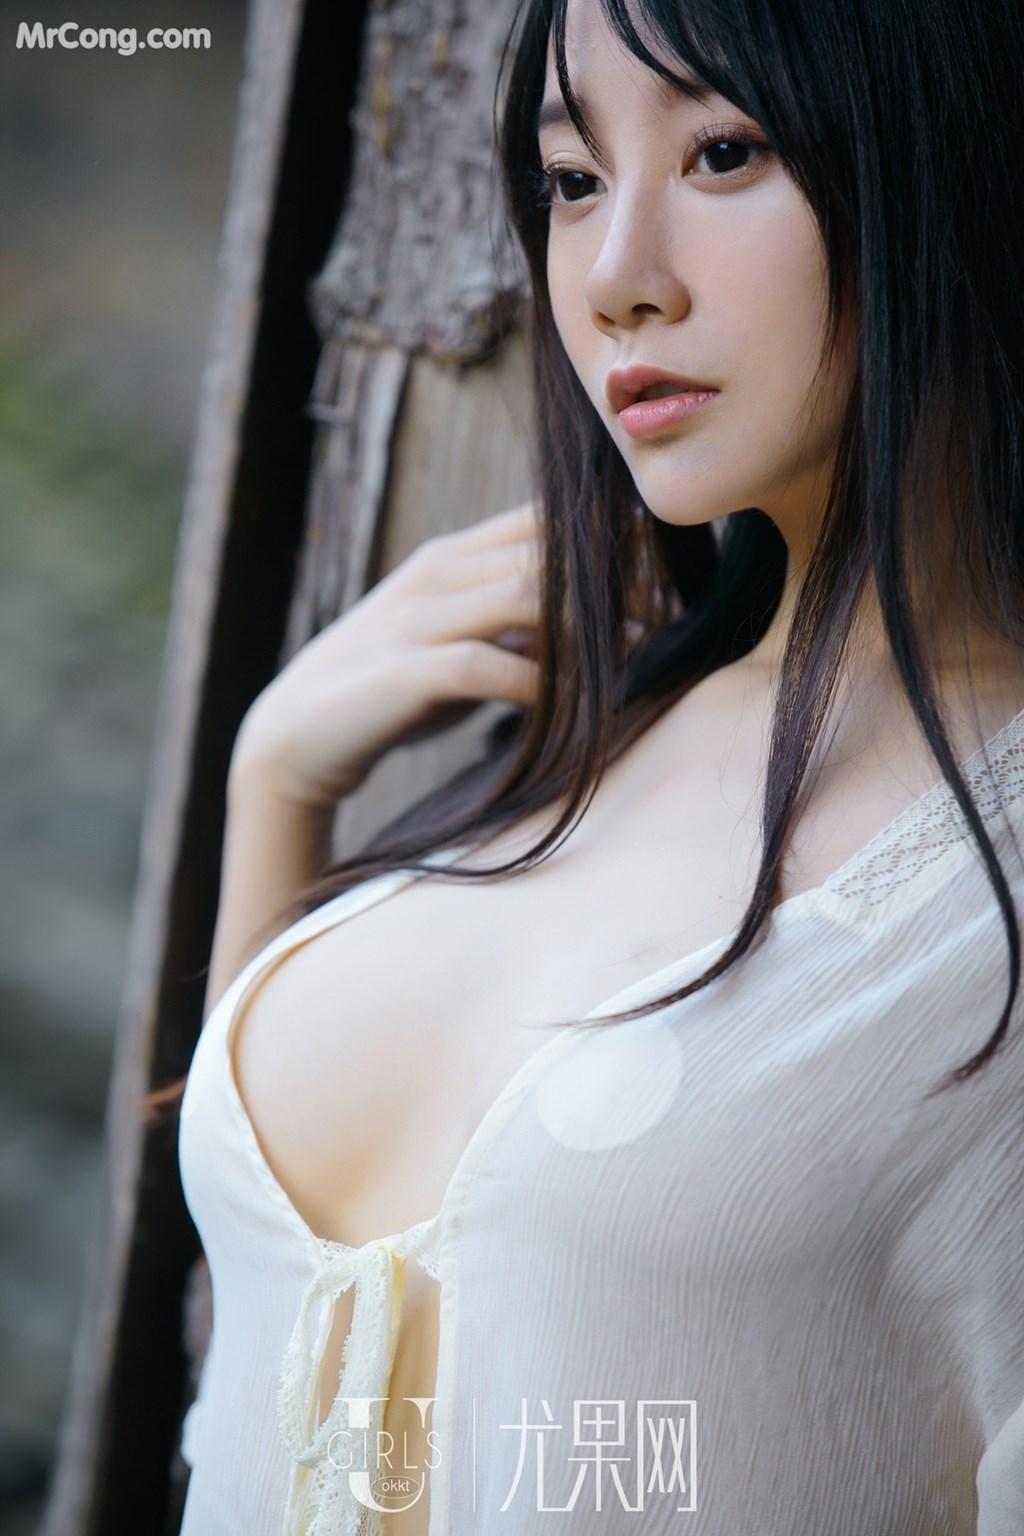 Image UGIRLS-U318-He-Jia-Ying-MrCong.com-045 in post UGIRLS U318: Người mẫu He Jia Ying (何嘉颖) (66 ảnh)